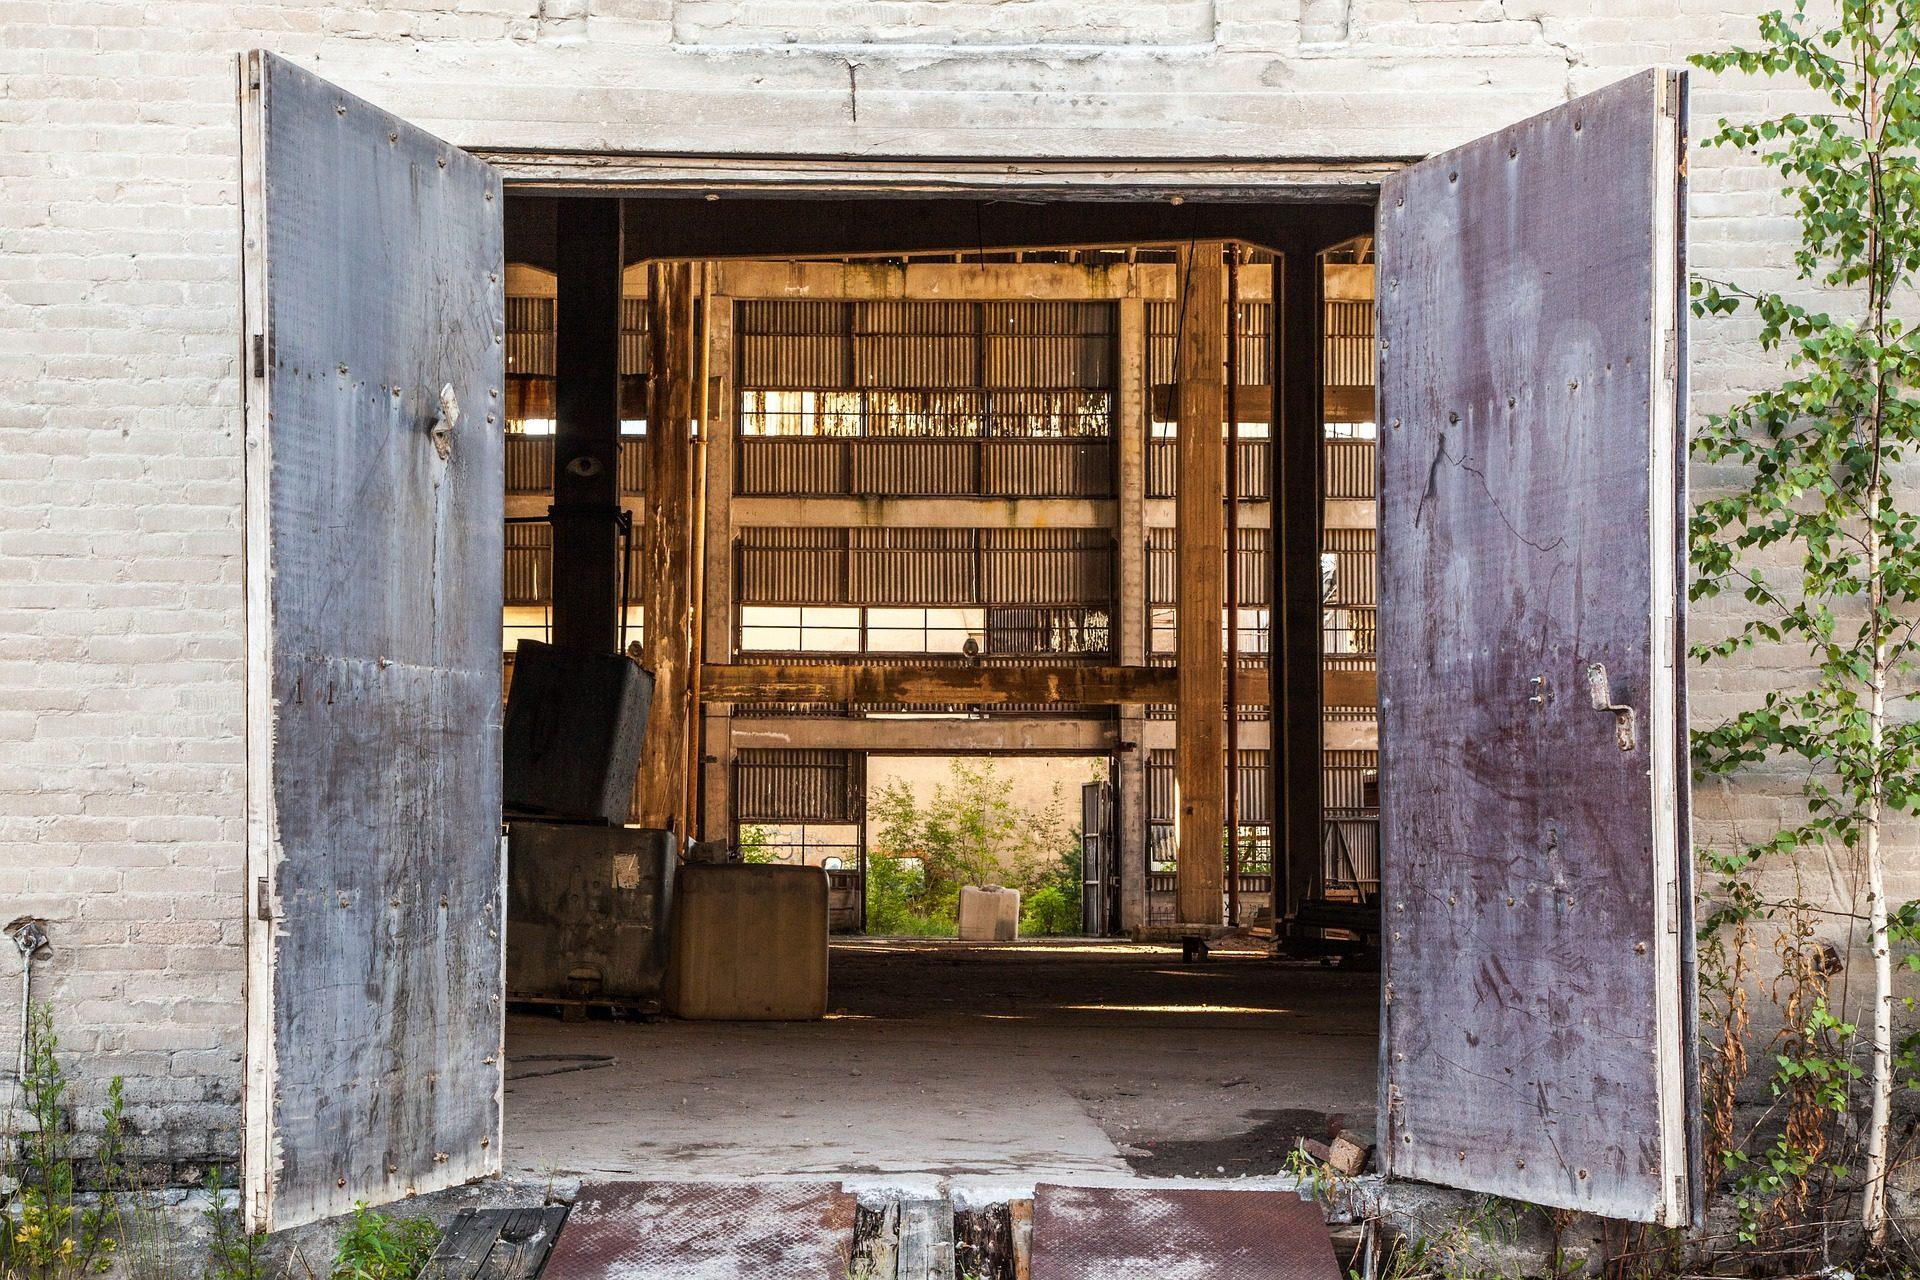 open-door-1531765_1920